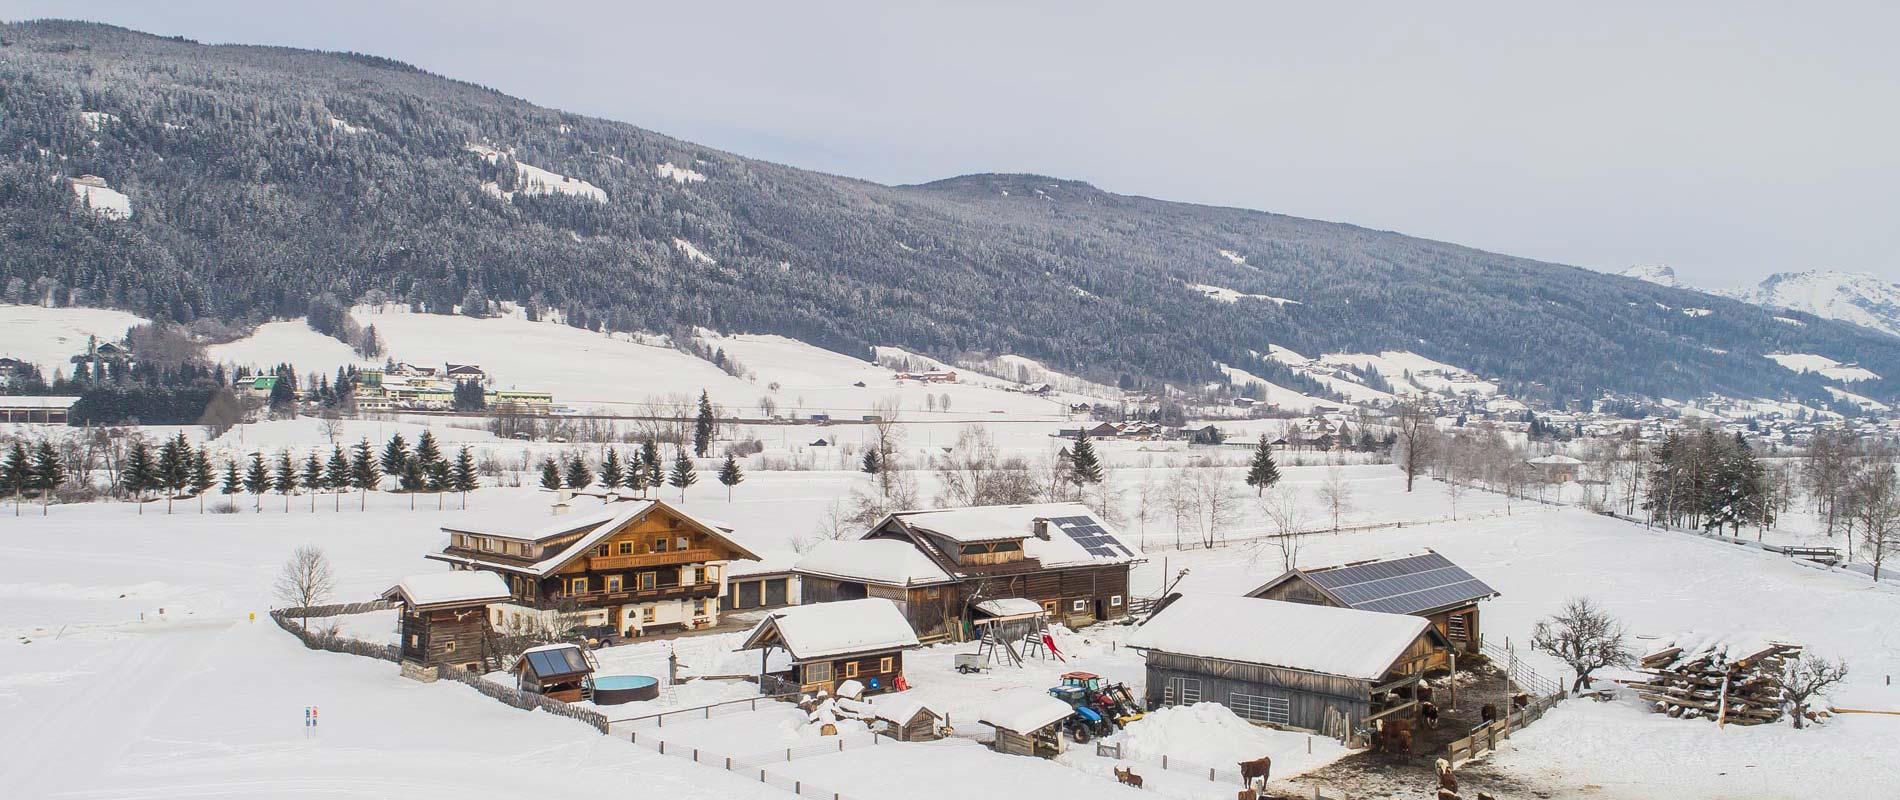 Accommodation Altenmarkt - Zauchensee: Hotels - BERGFEX